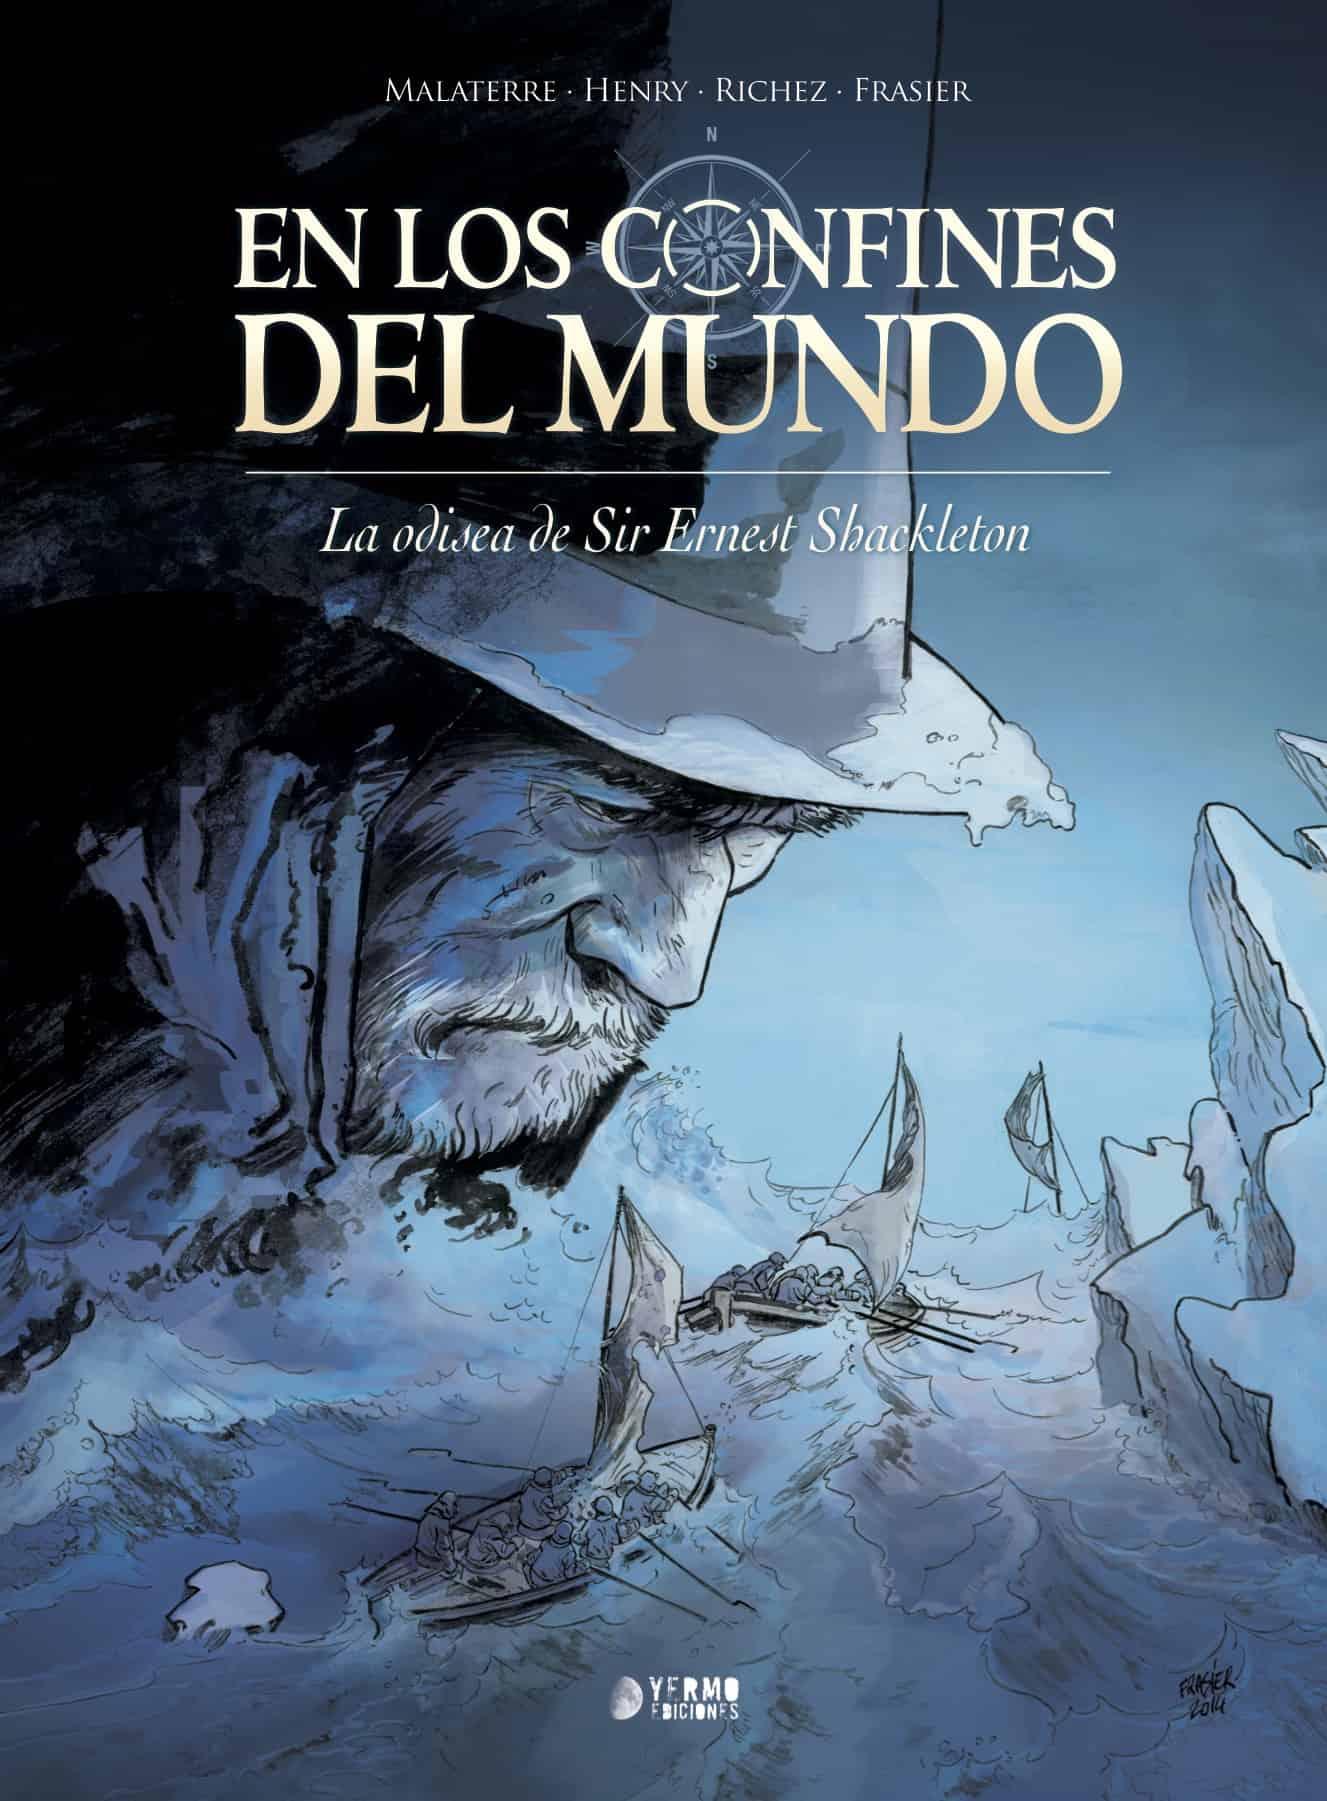 EN LOS CONFINES DEL MUNDO: LA ODISEA DE SIR ERNEST SHACKELTON